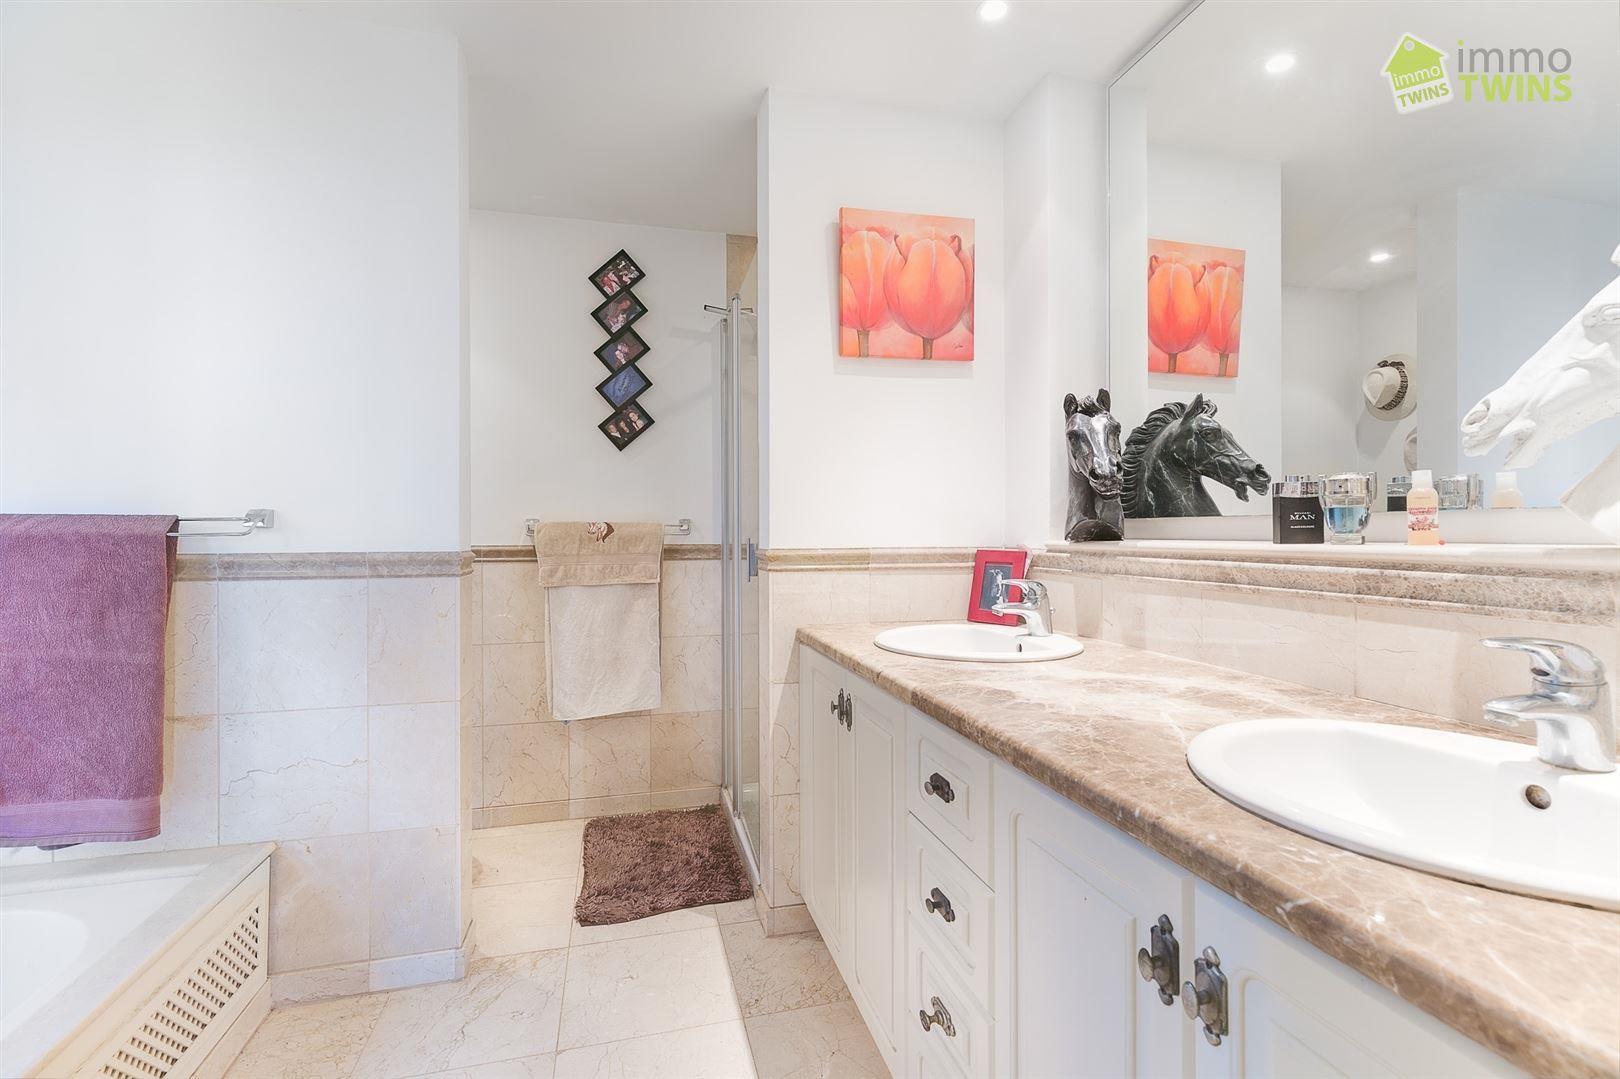 Foto 6 : Appartement te 38632 PALM MAR (Spanje) - Prijs € 440.000